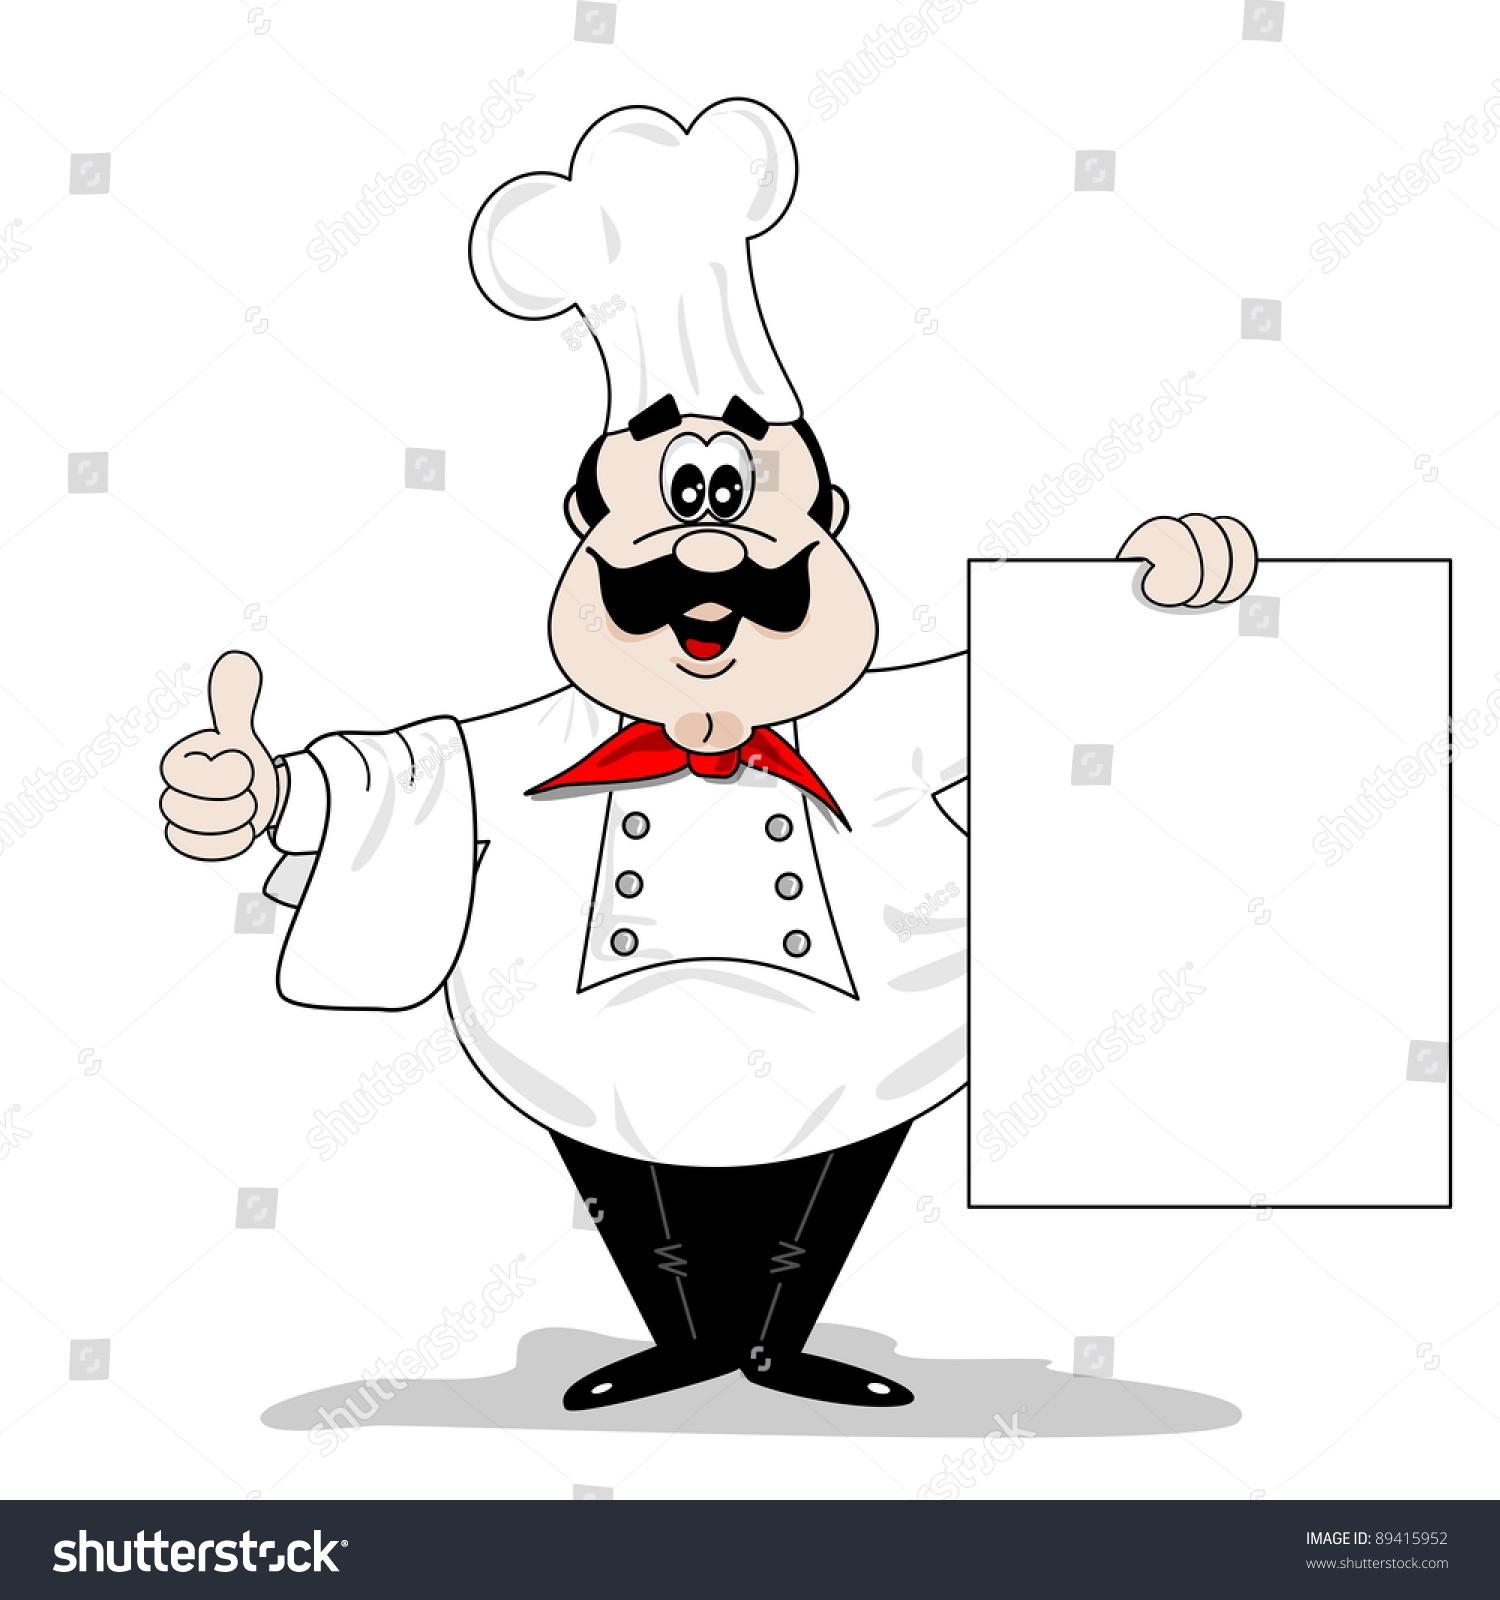 Kitchen chefs clipart clipartfest cartoon restaurant kitchen - Cartoon